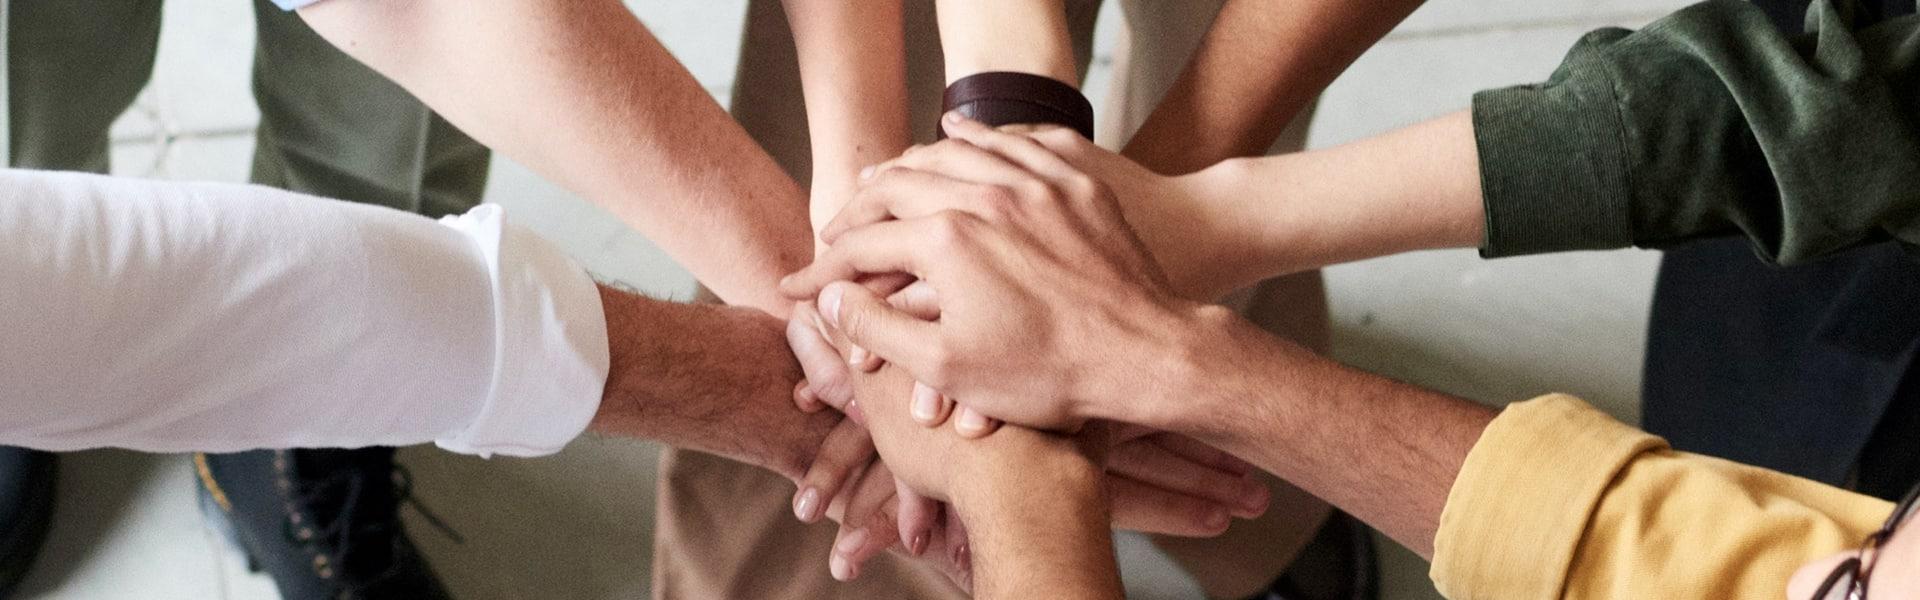 l'économie collaborative, l'avenir de la consommation durable